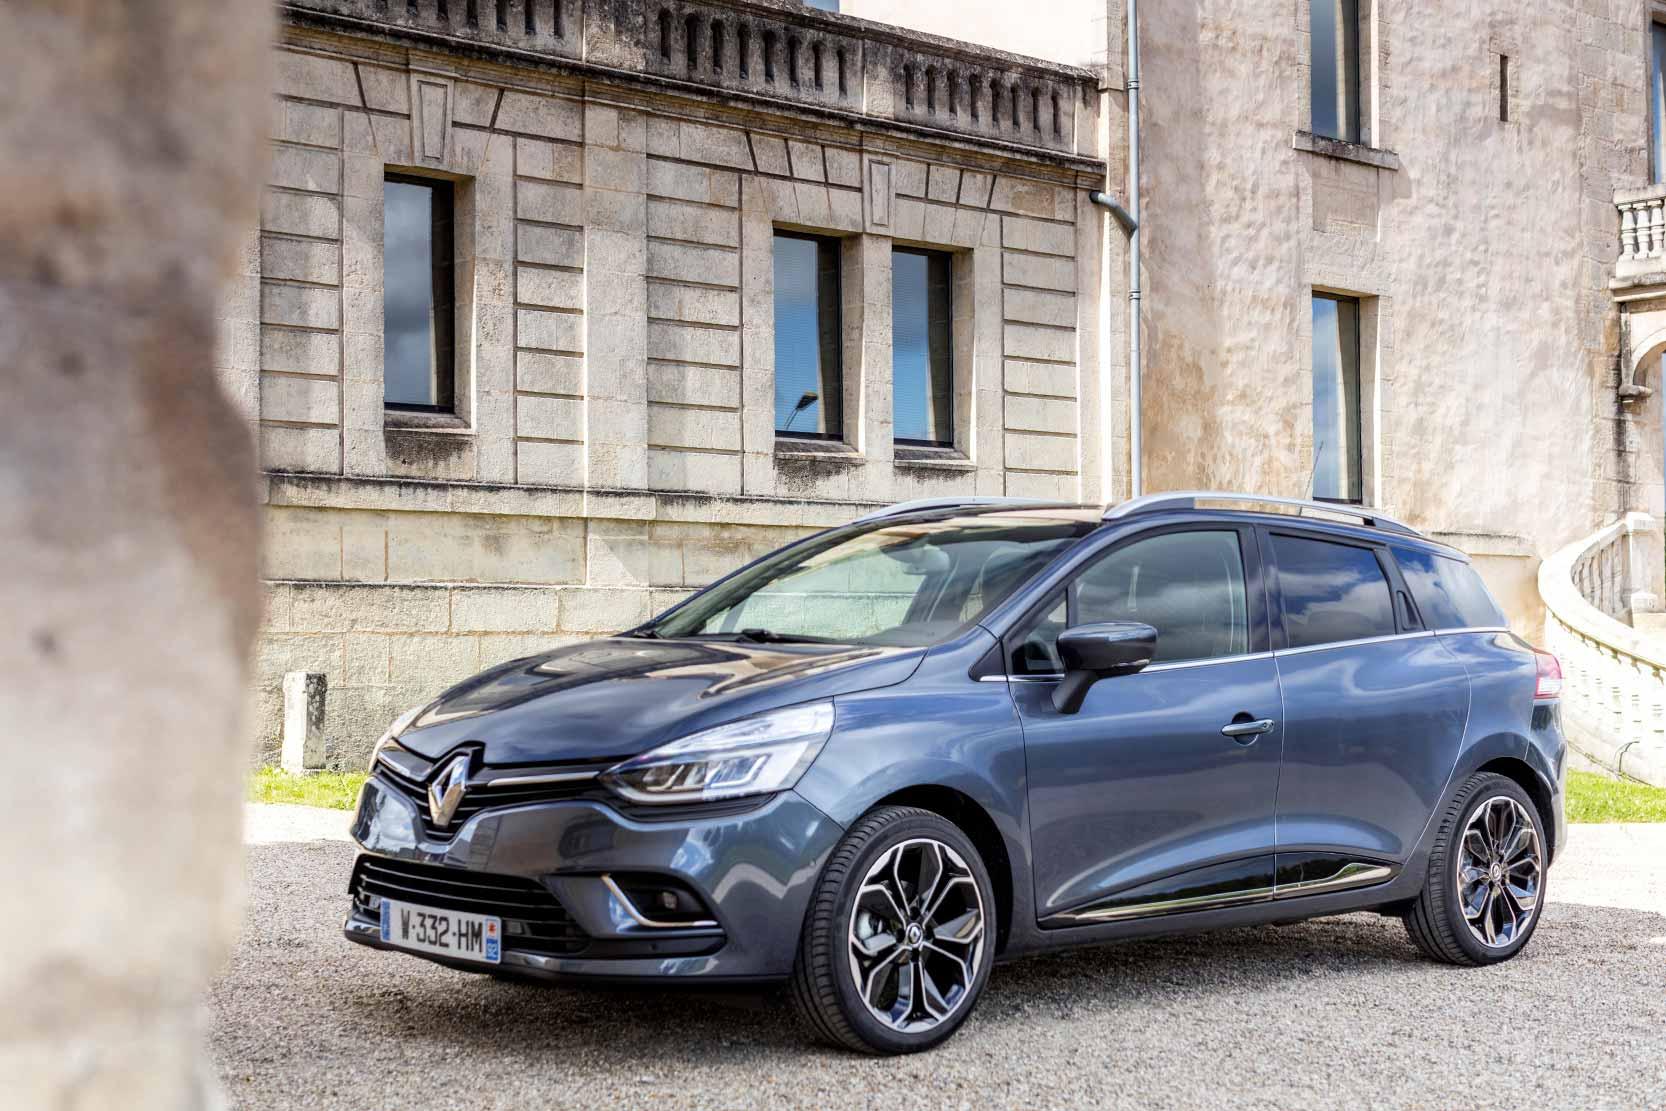 Fiche Technique Renault Clio Estate 1 5 Dci 90 2019